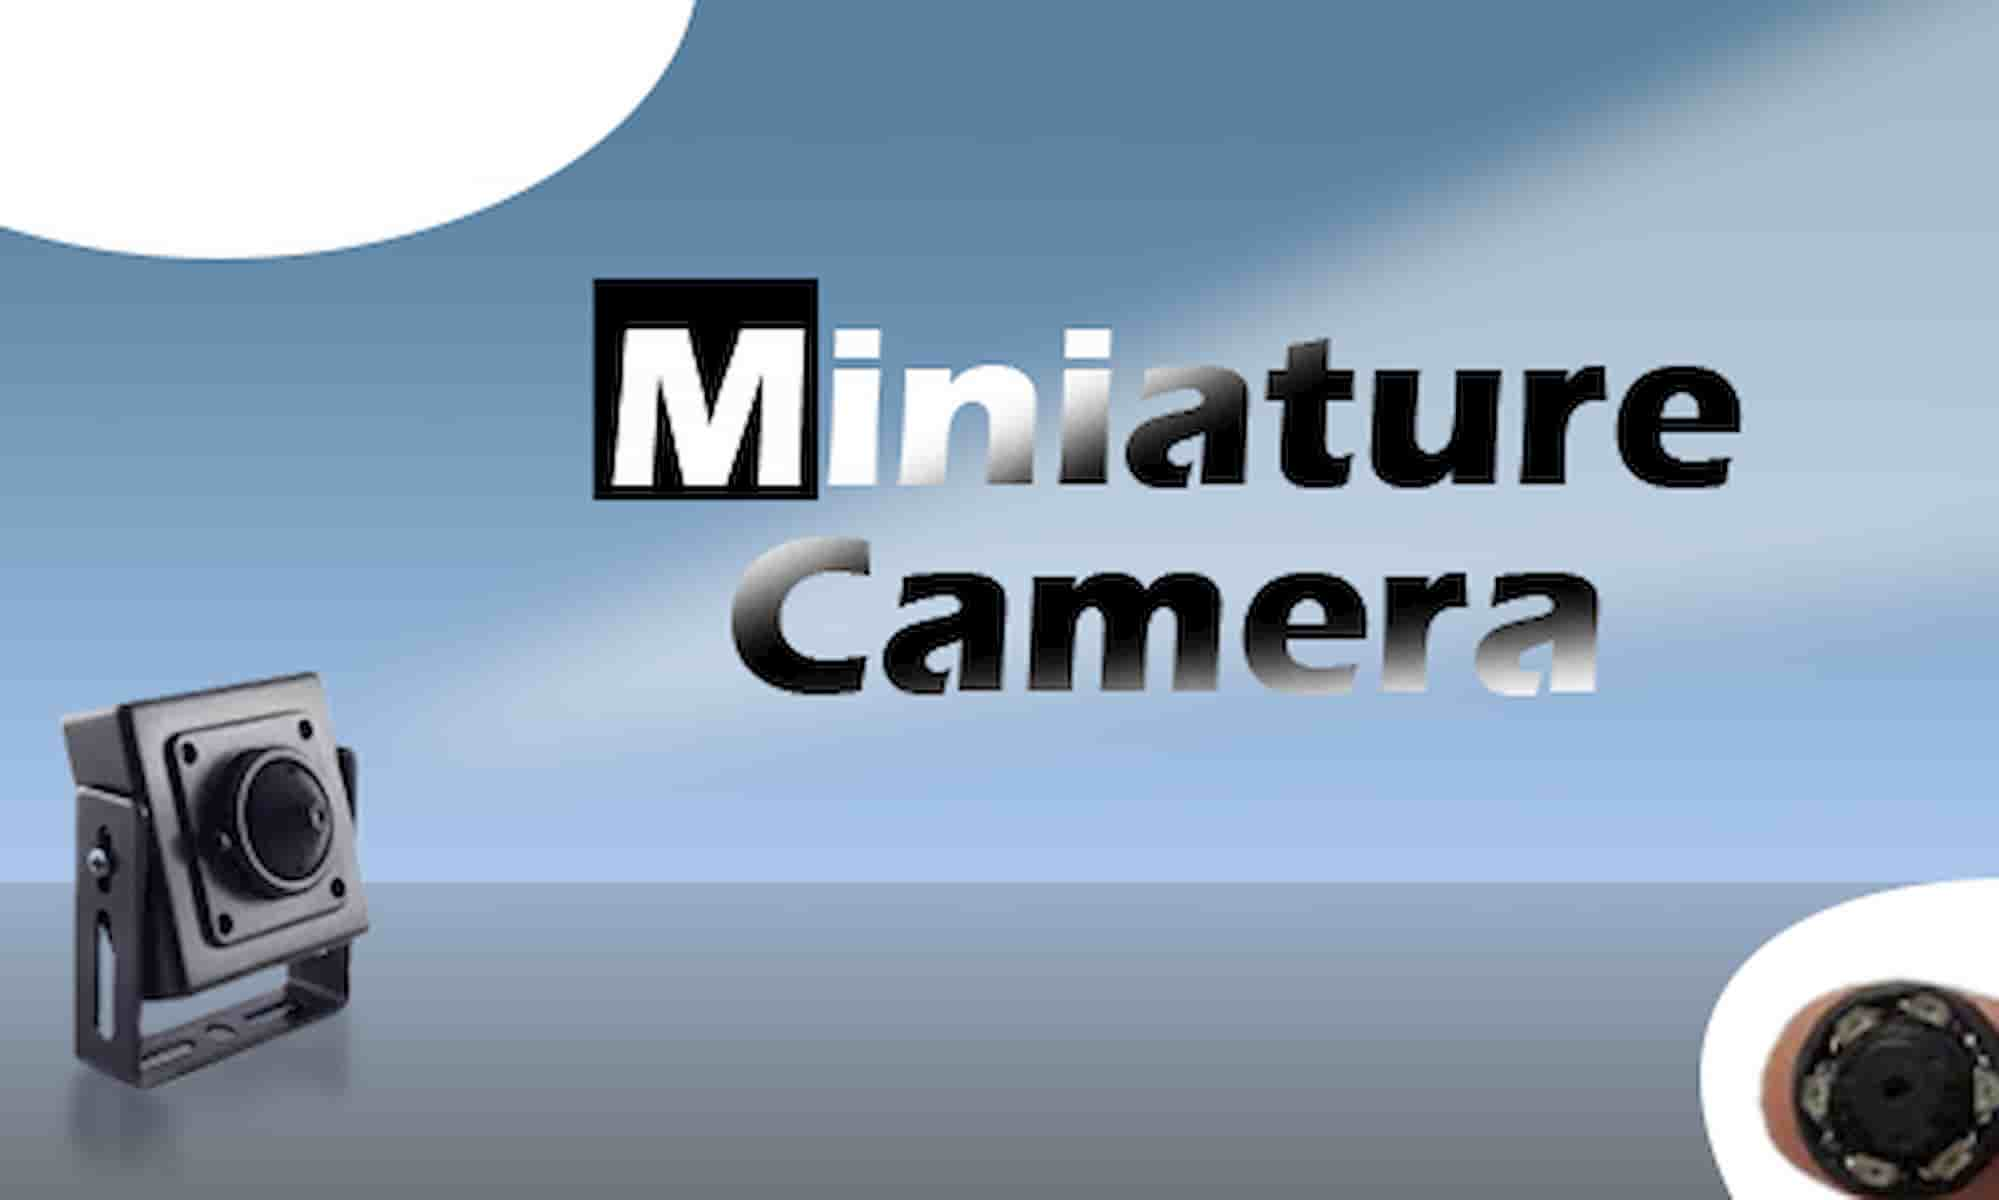 دوربین های مداربسته مینیاتوری ، پین هول یا سوزنی چیست؟